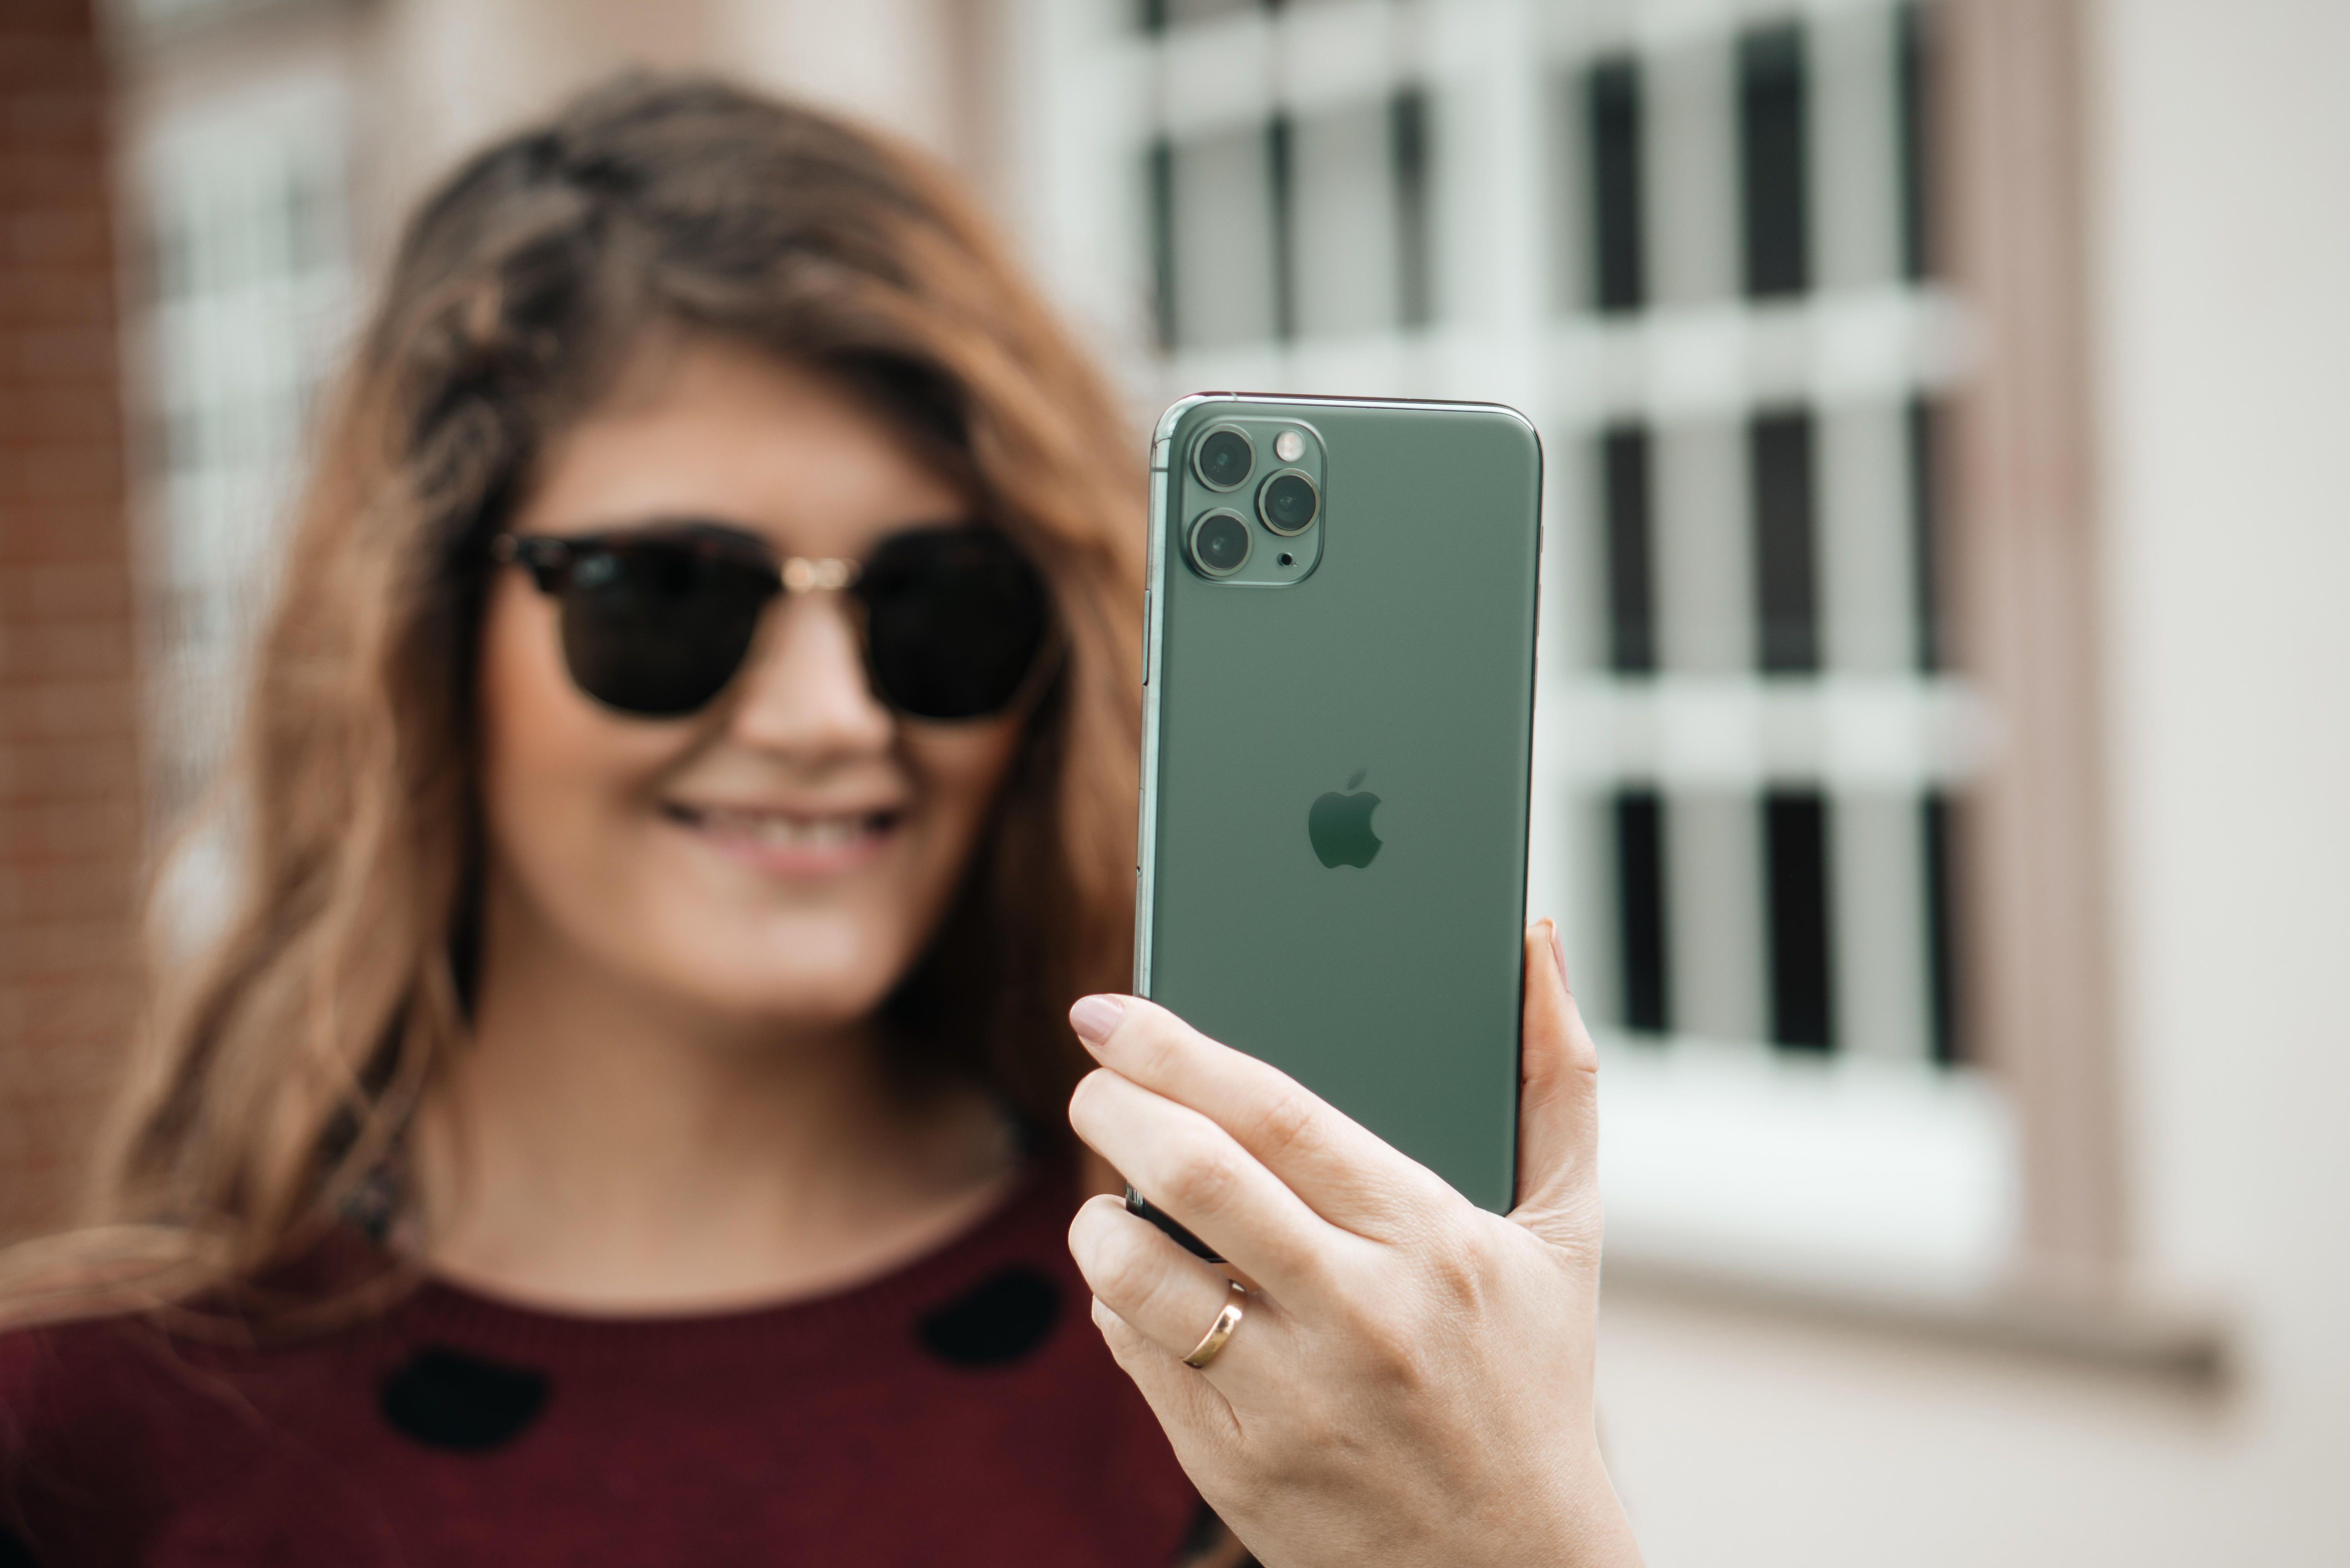 iphone-11-pro-max-15